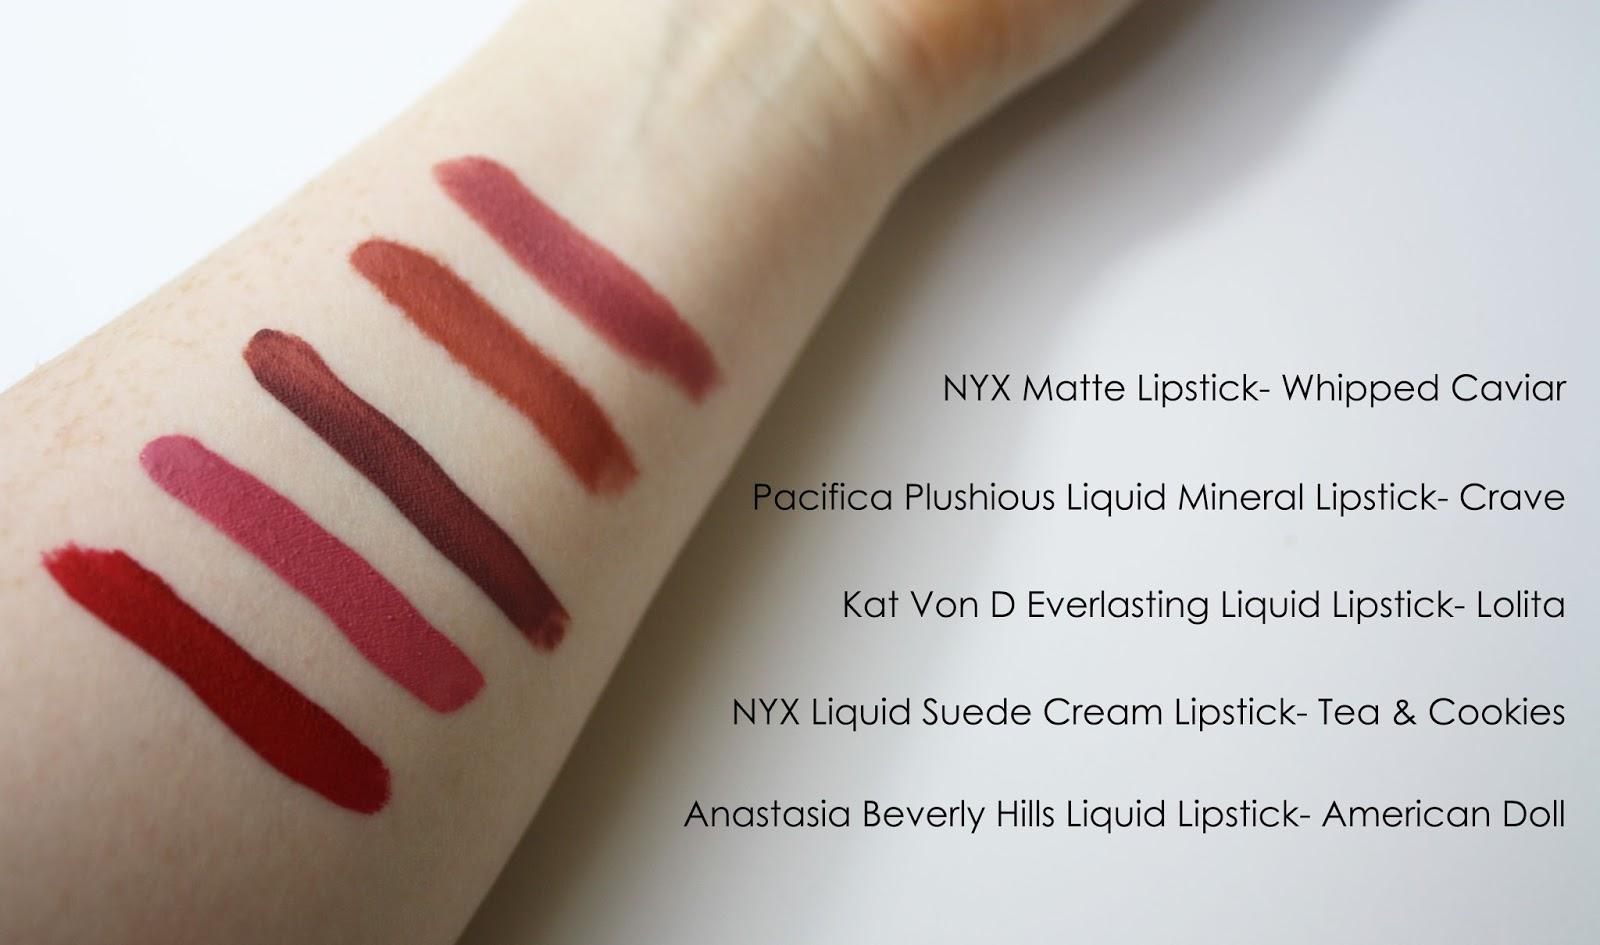 Favorite Lipsticks- NYX Liquid Suede, Kat Von D Everlasting, Pacifica Plushious, Anastasia Beverly Hills liquid lipstick, NYX Matte lipstick